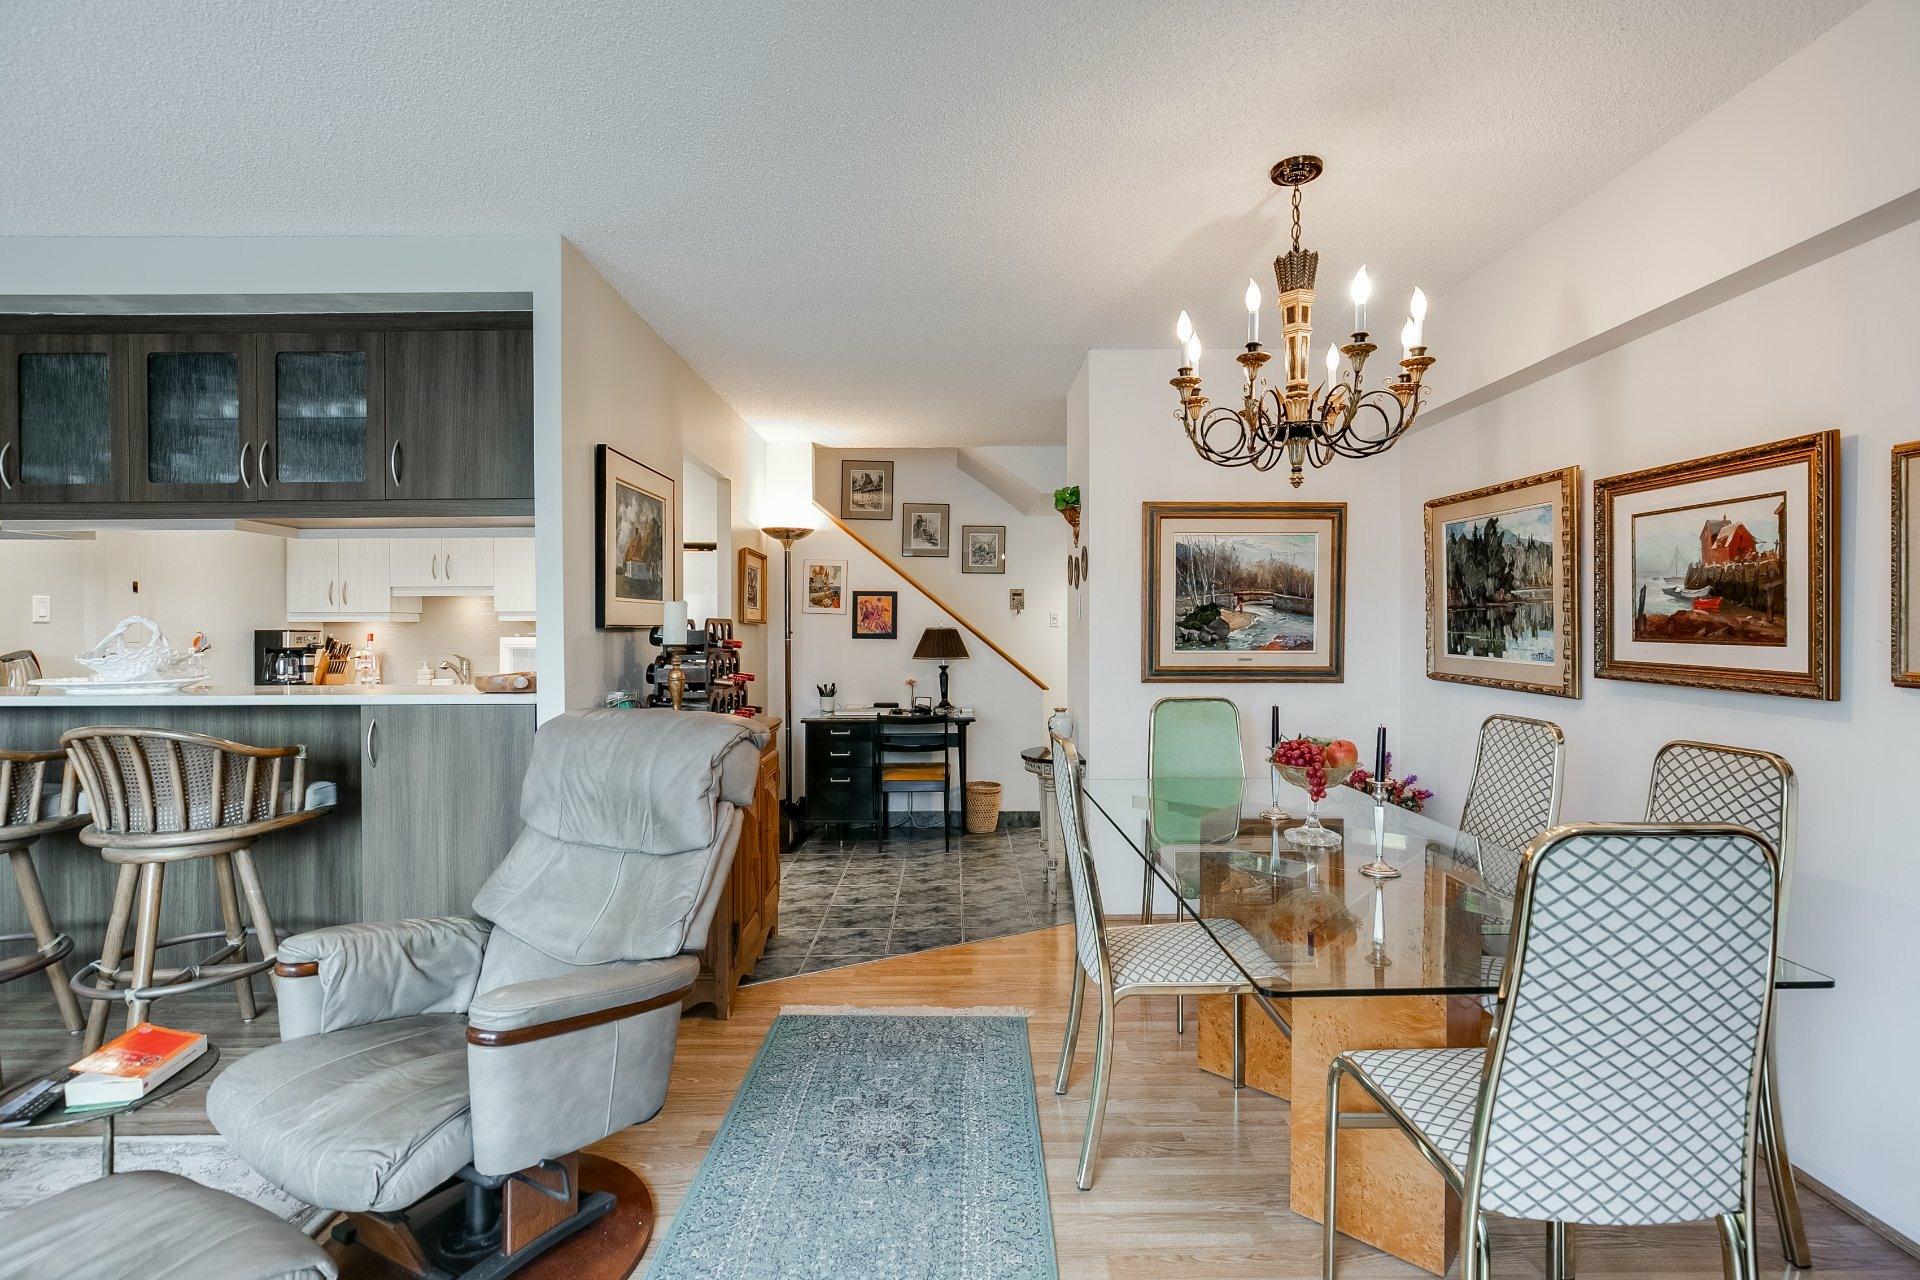 image 8 - Appartement À vendre Montréal Verdun/Île-des-Soeurs  - 6 pièces